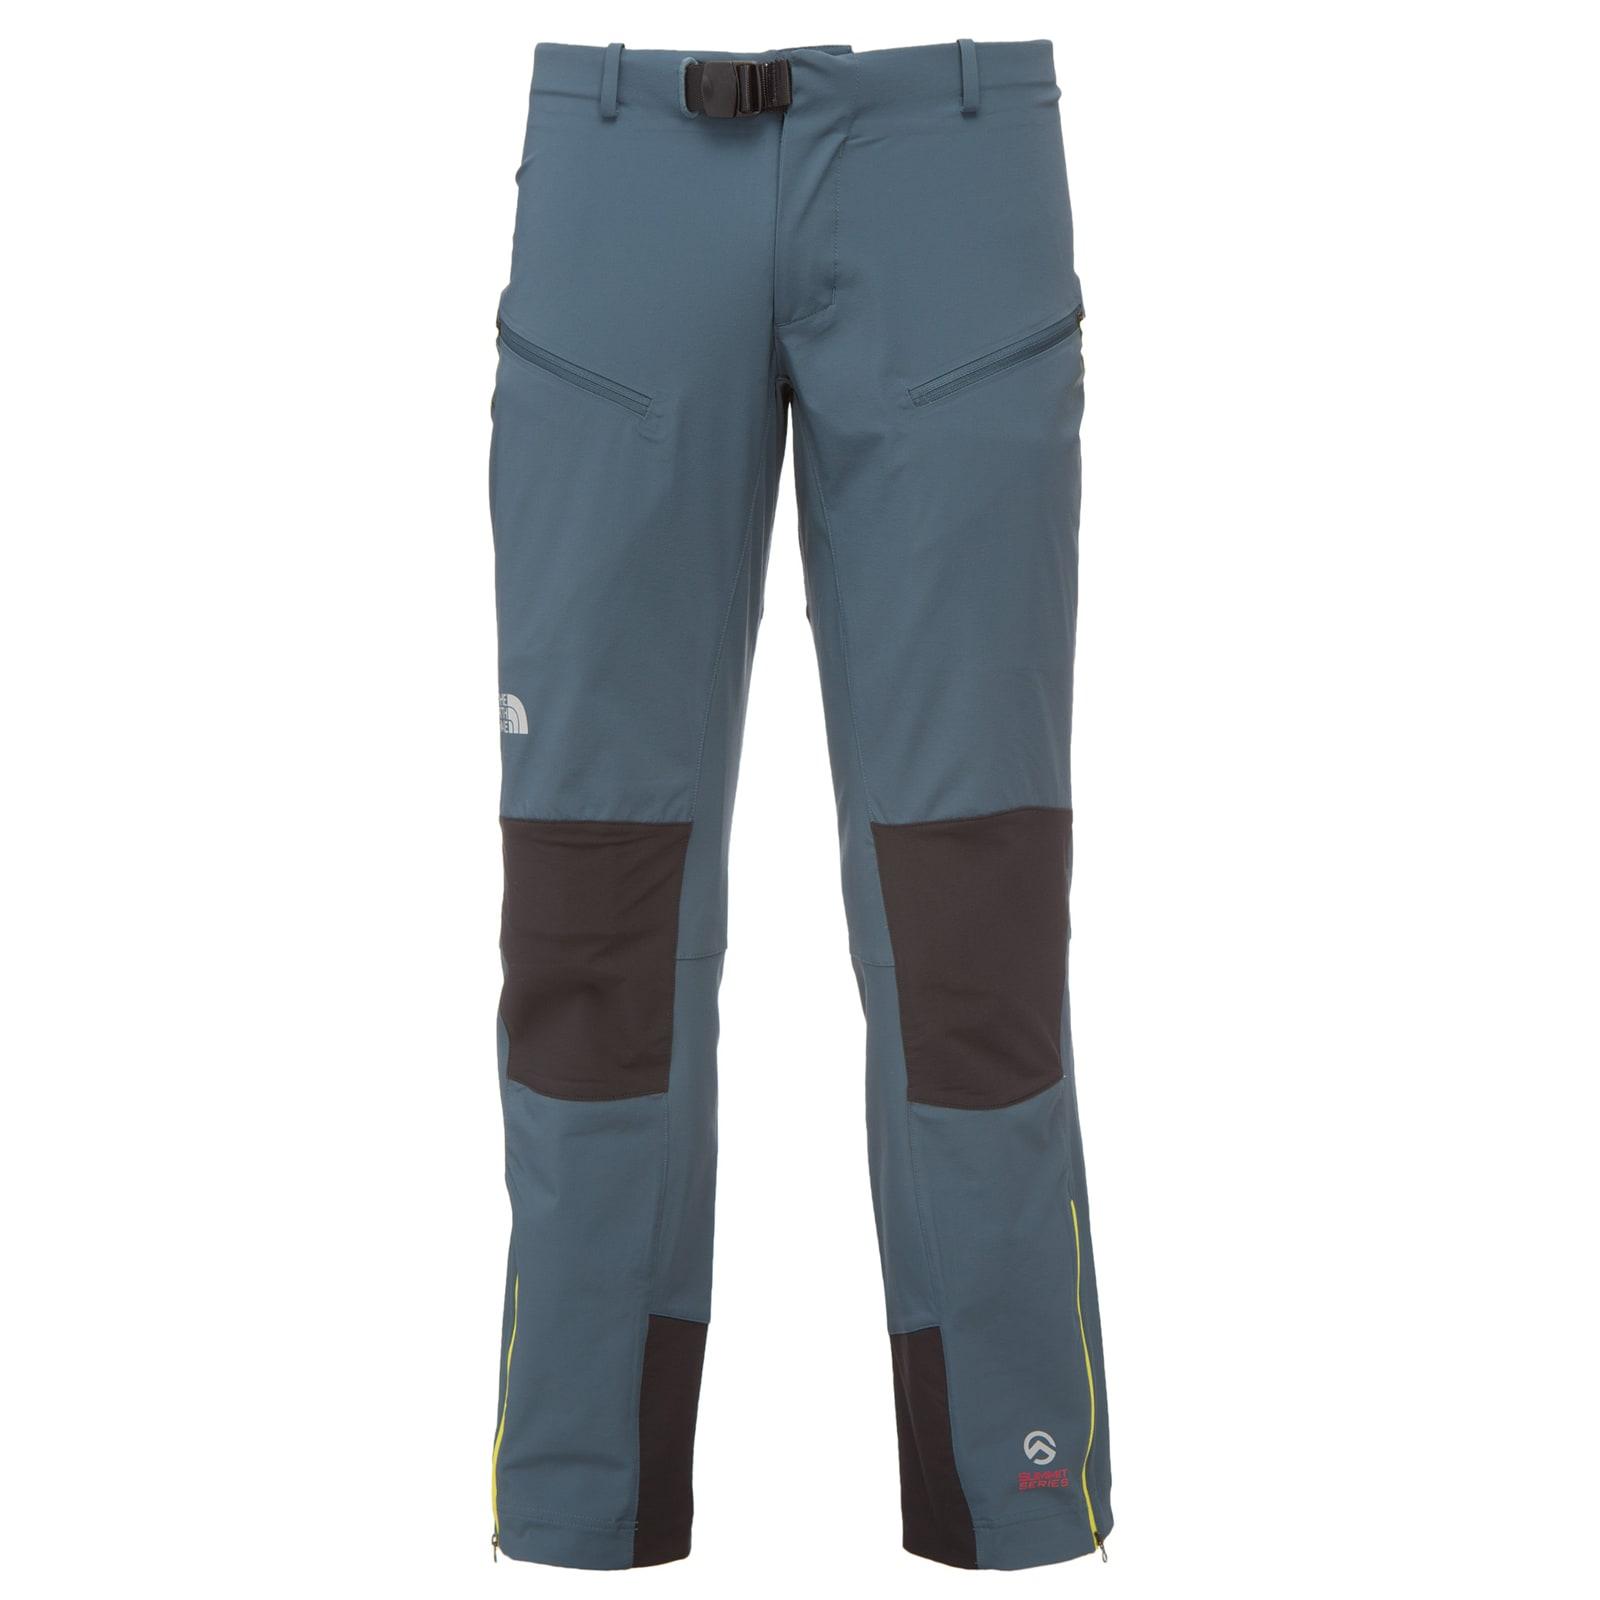 Bukser herre | Stort utvalg av herrebukser | Outnorth